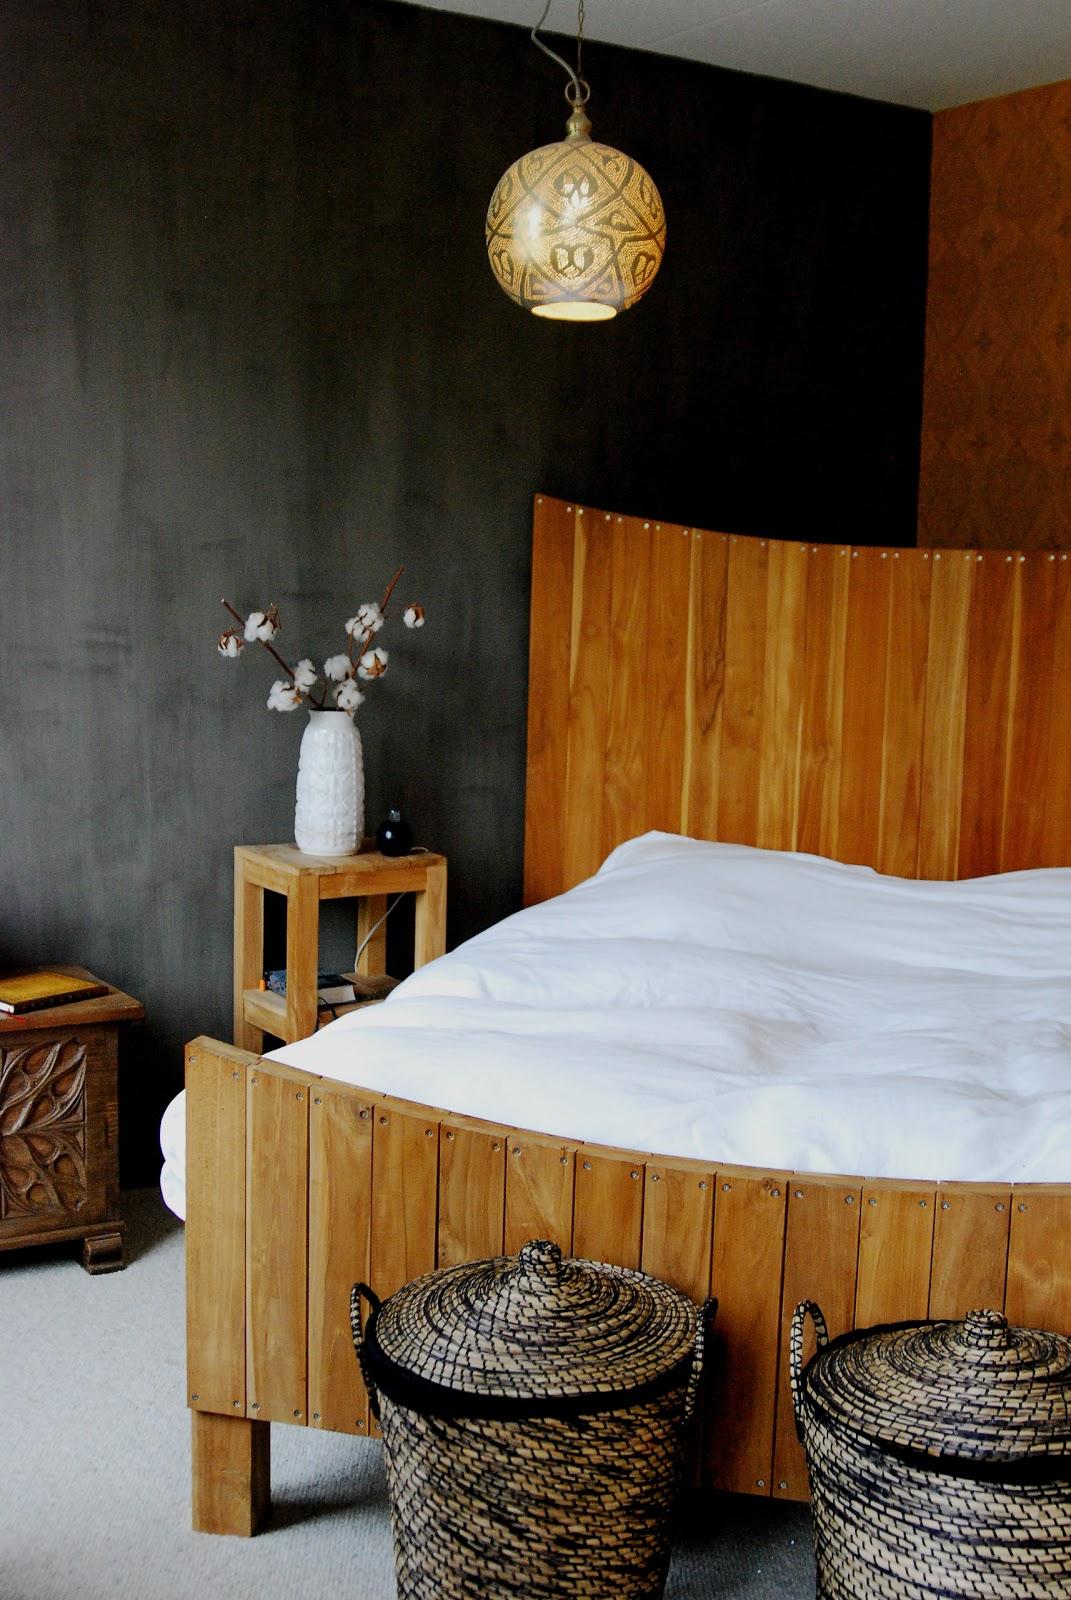 Hoofdeinde bed versterken stap voor stap - Foto deco volwassen kamer ...